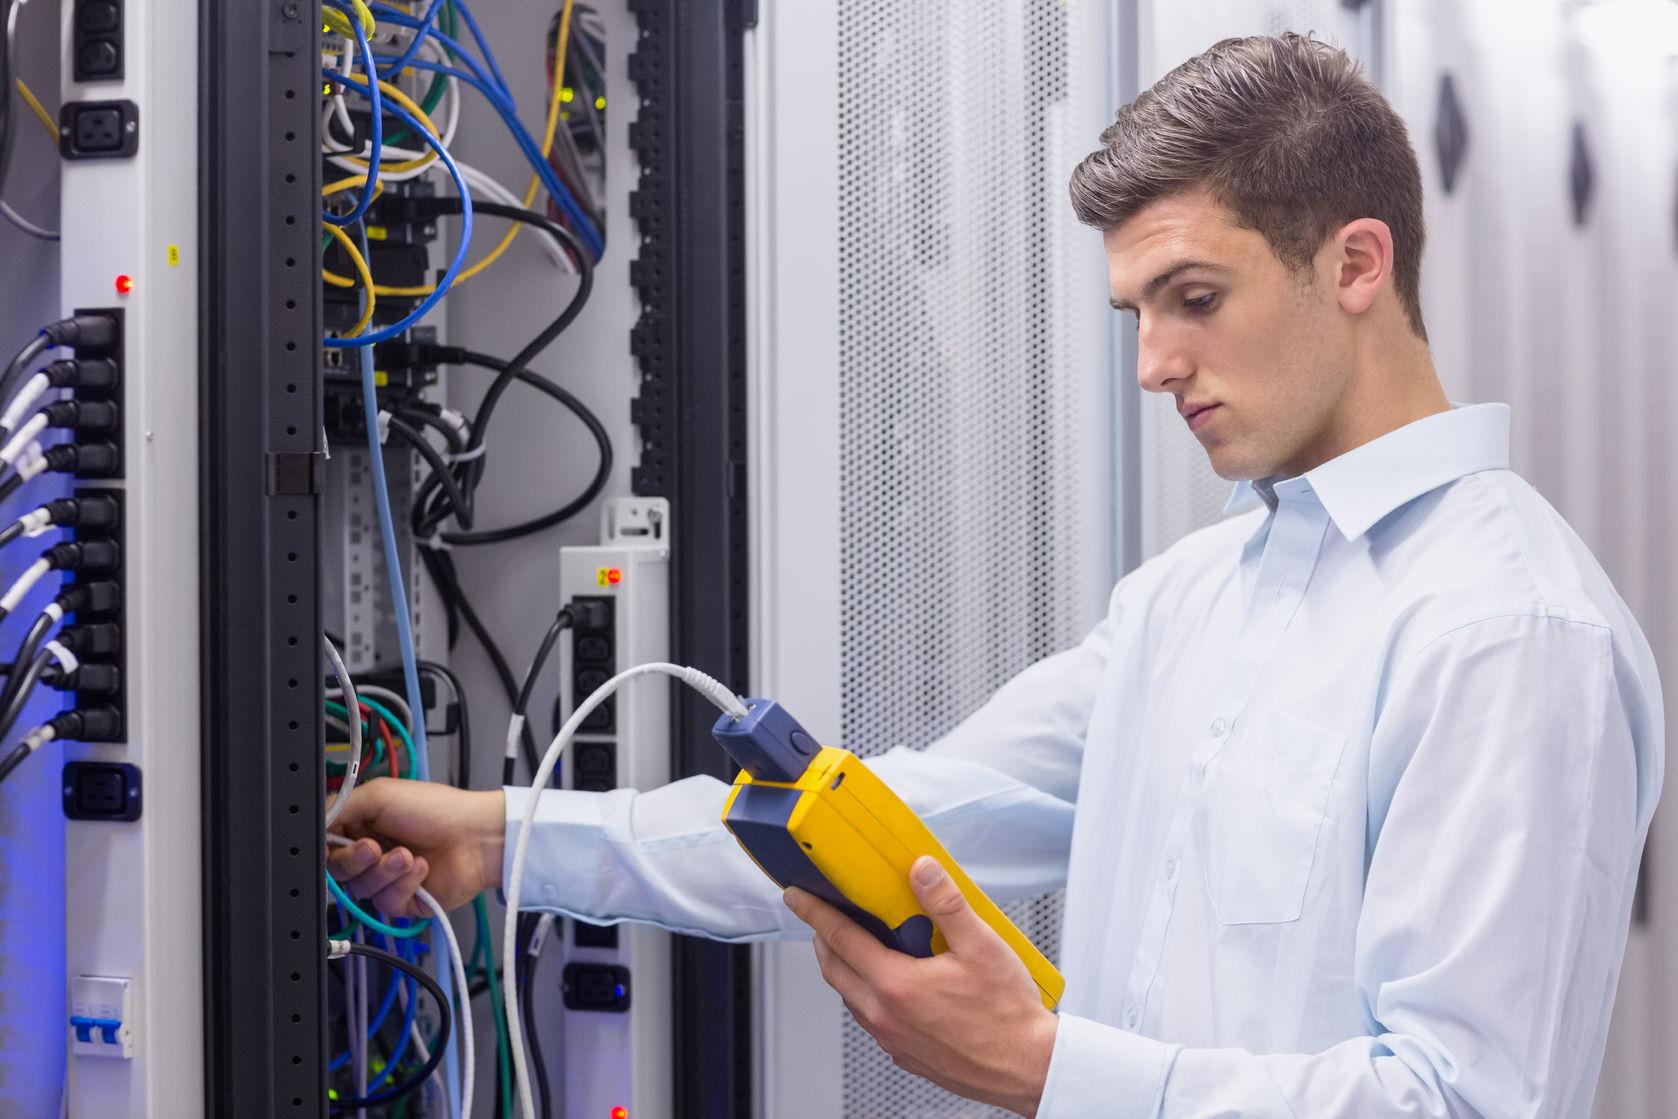 mantenimiento informatico coslada